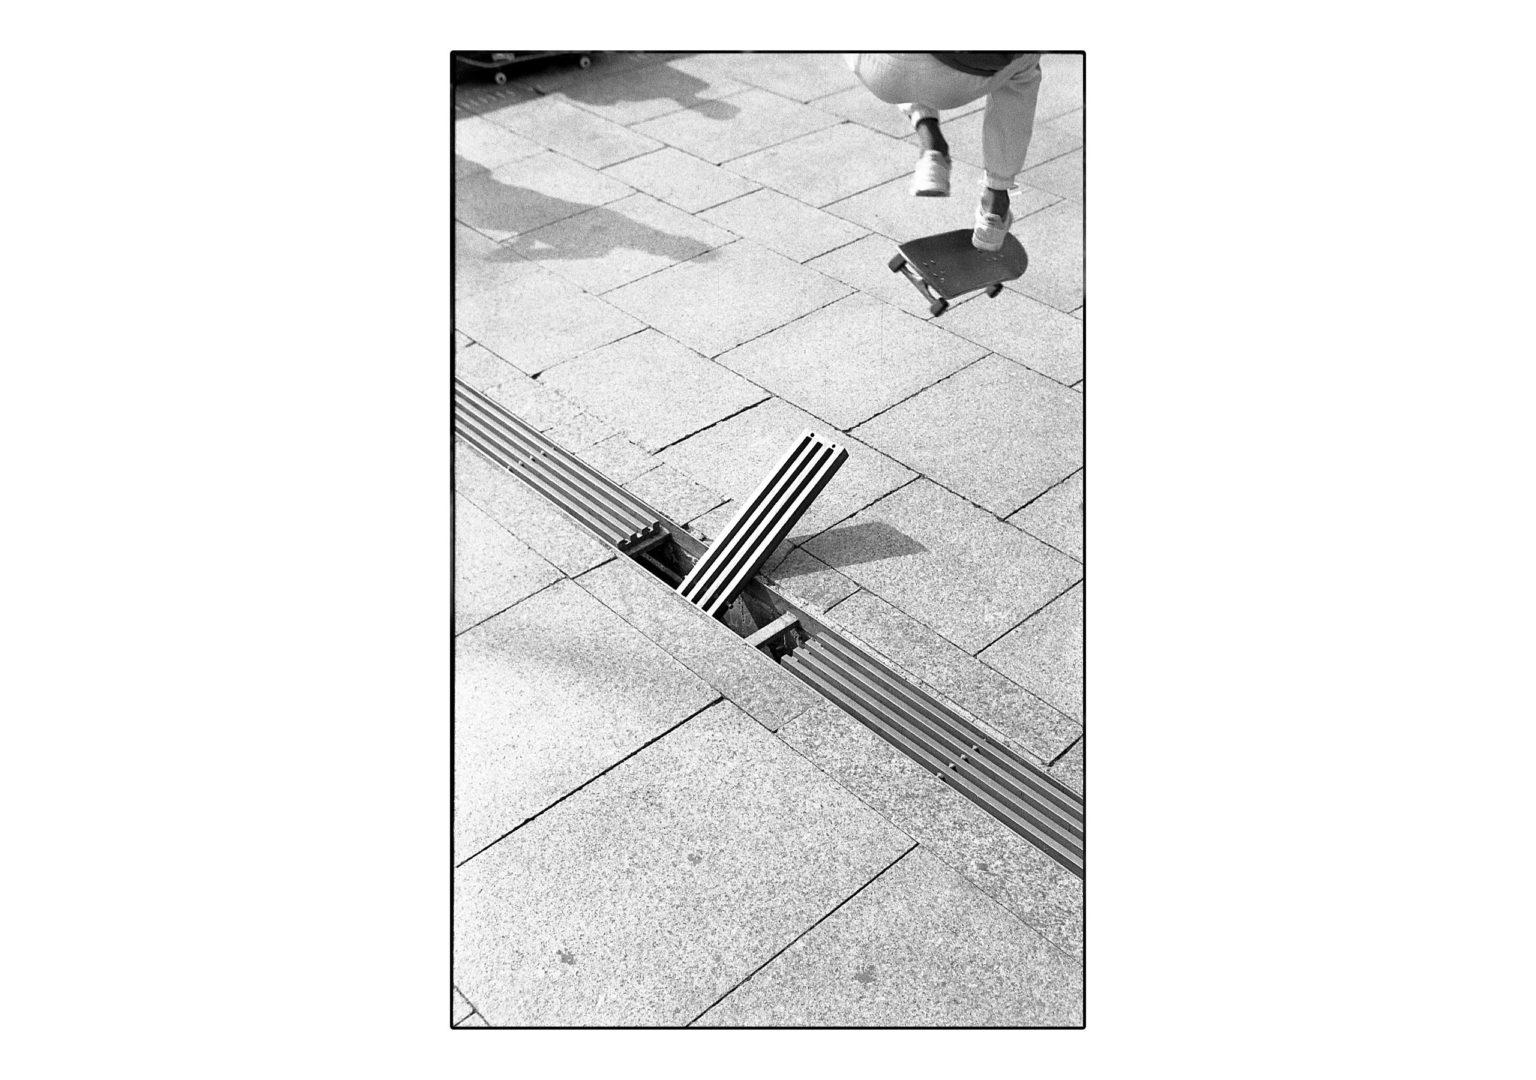 skateboarding_sk8bars_ aaron sio